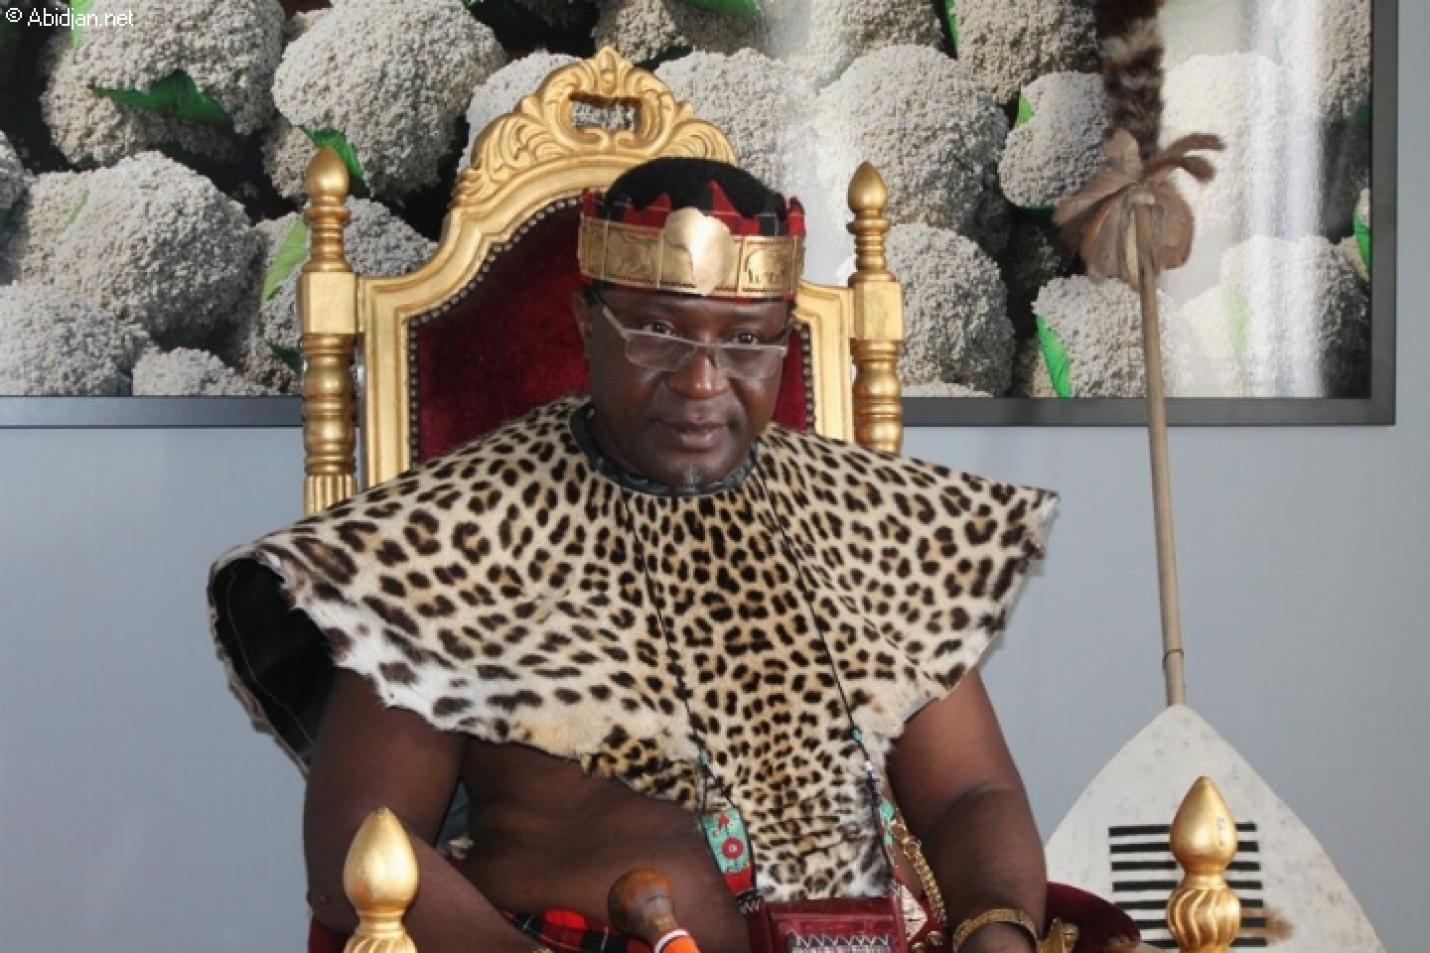 Αφρικανός βασιλιάς βαπτίστηκε Χριστιανός στο Άγιο Όρος (ΦΩΤΟ)